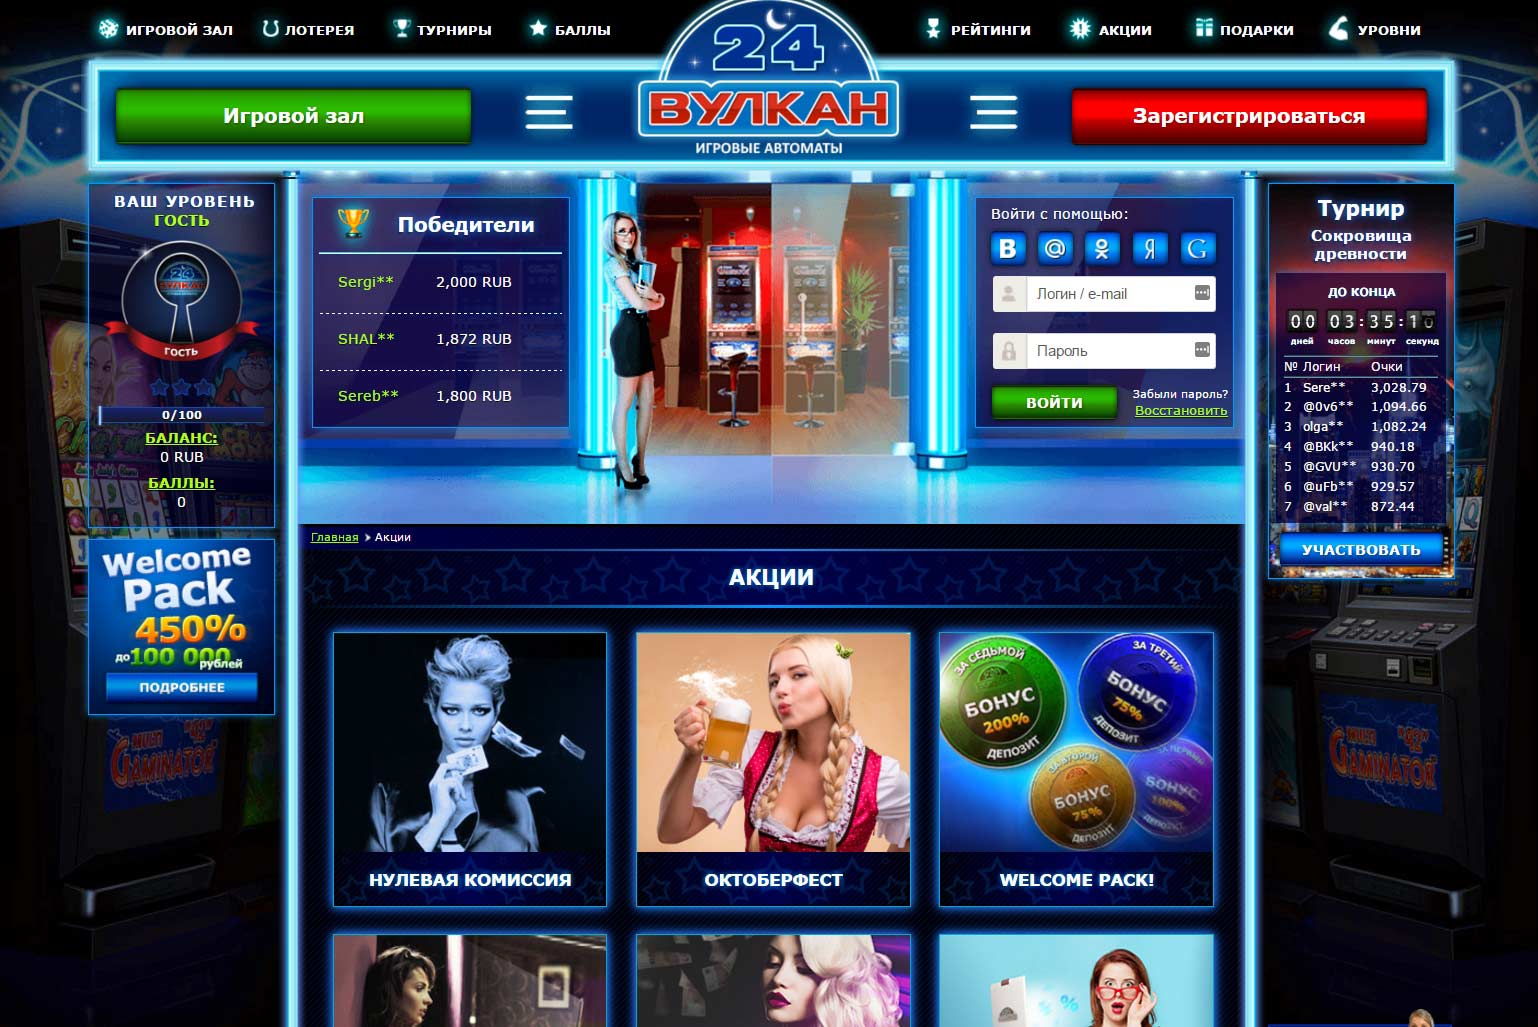 вулкан 24 игровые автоматы официальный сайт